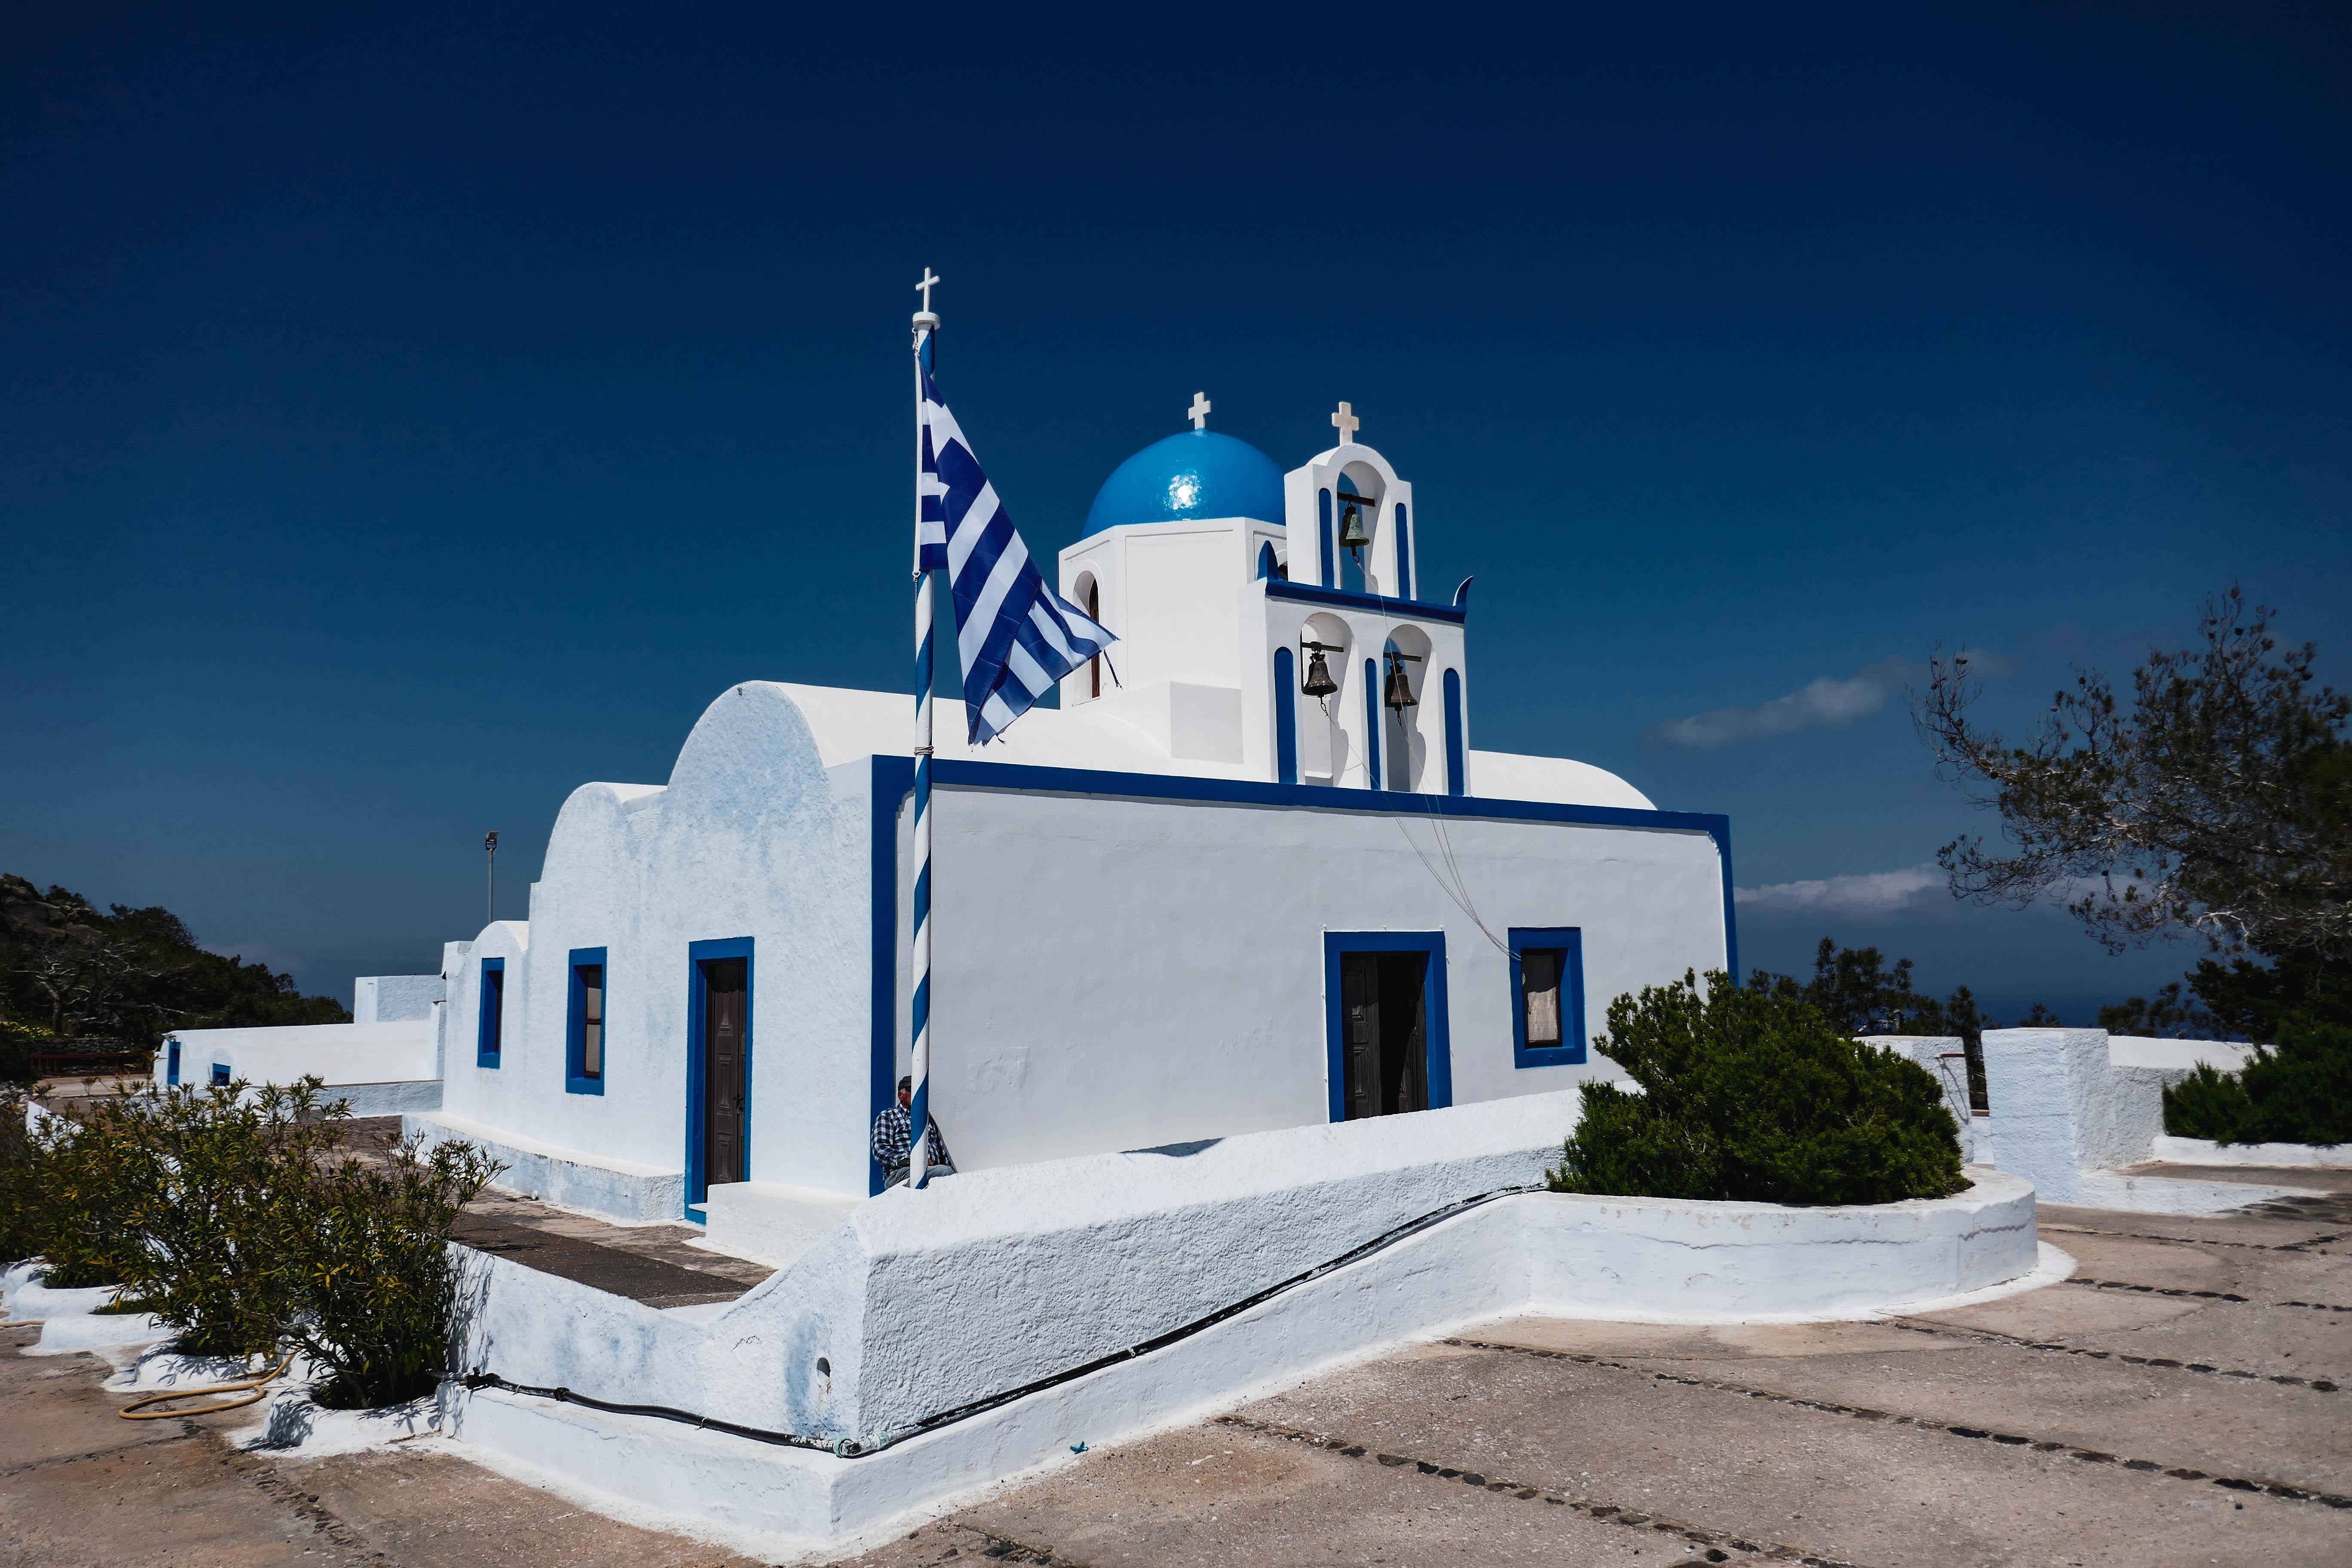 Santorin, voyage en famille. chapelle du prophète Elie, archipel des Cyclades, île de Santorin.